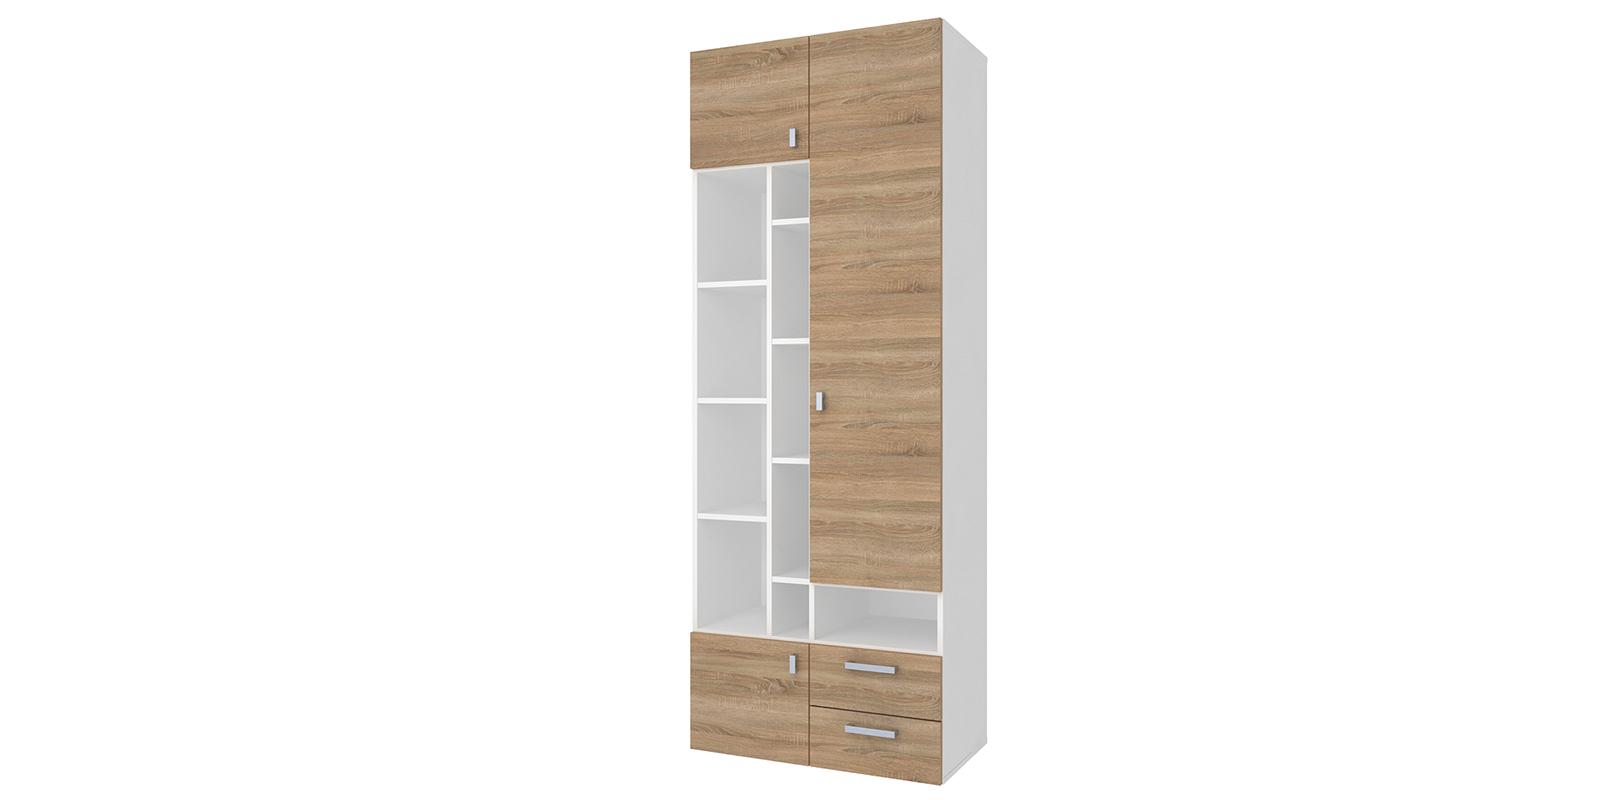 Шкаф распашной двухдверный Лакки (дуб сонома/белый)